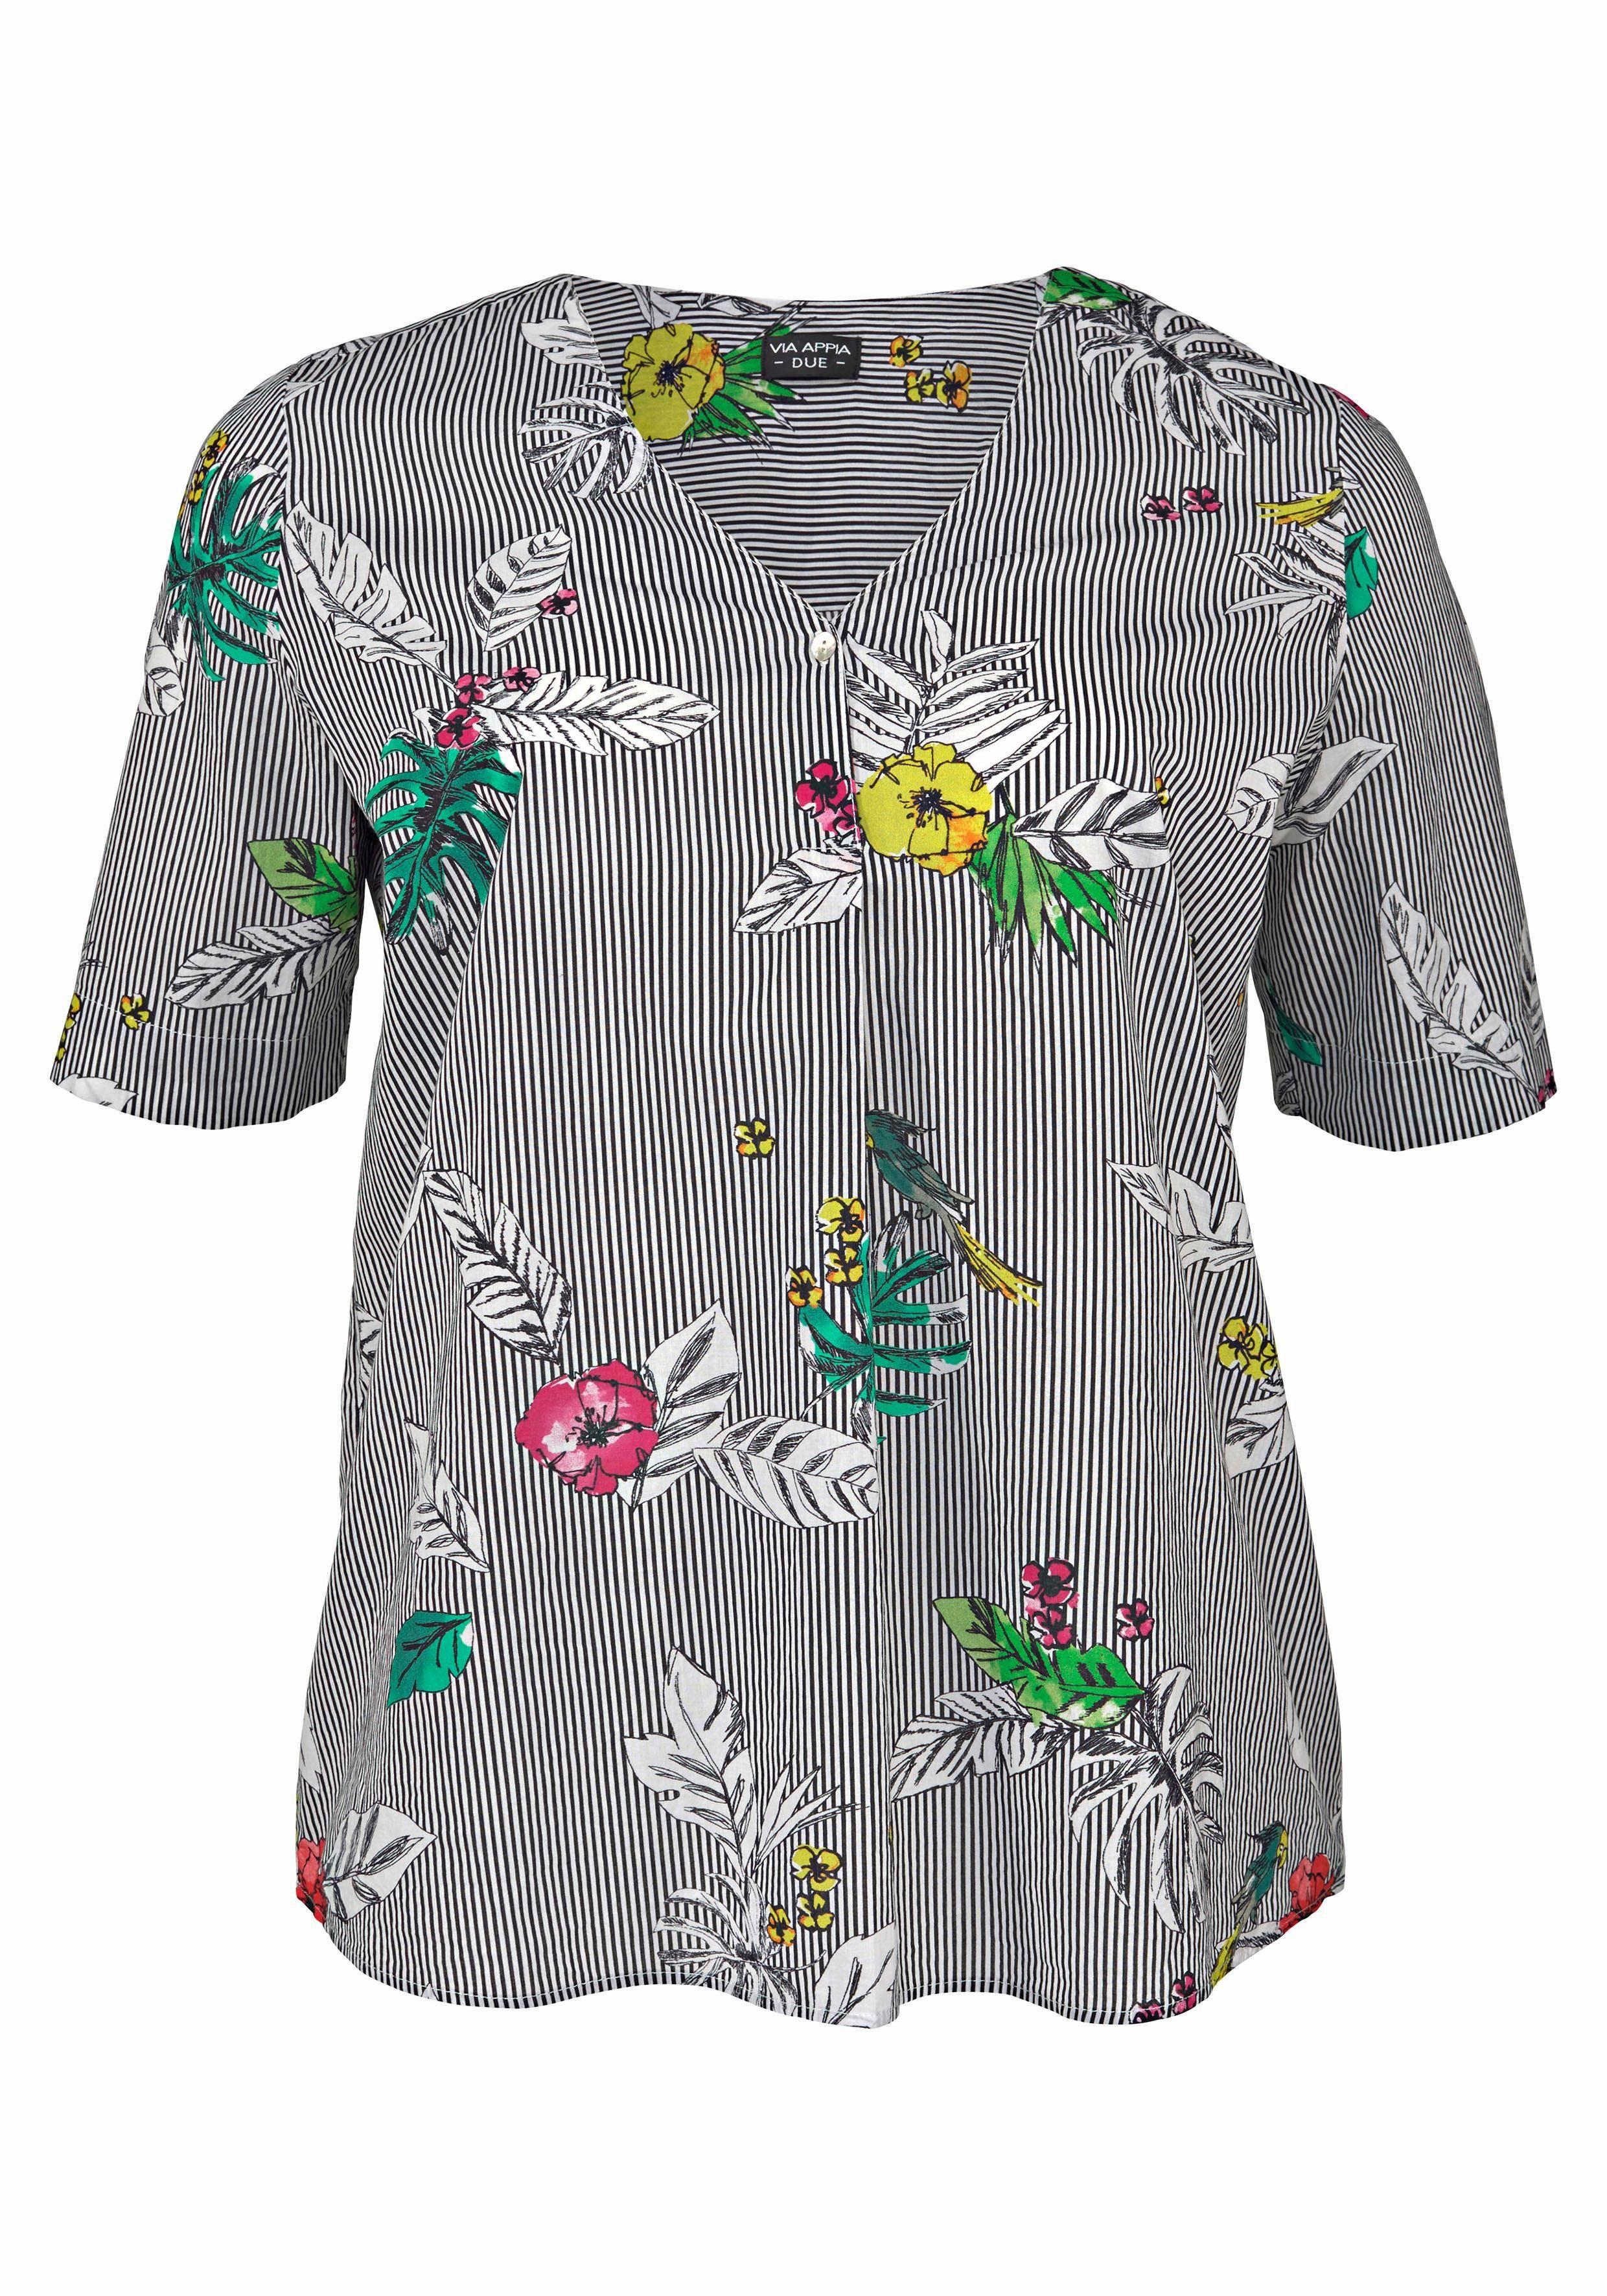 Damenunterwäsche Schiesser Original 70er Jahre Top Unterhemd Hemd Feinripp Weiß Gr Kleidung & Accessoires 42 Baumwolle Beautiful In Colour